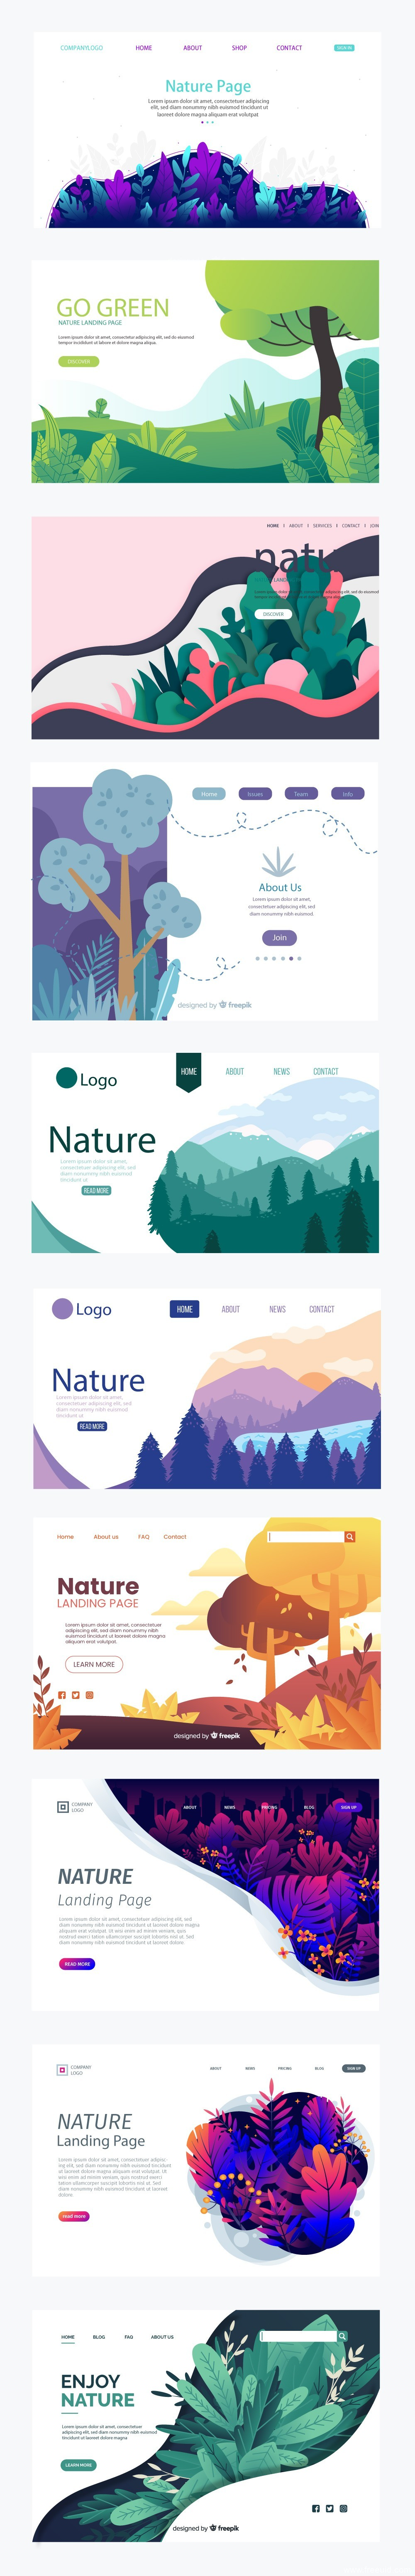 植物插画,自然风景插画web源文件,ai插画源文件下载